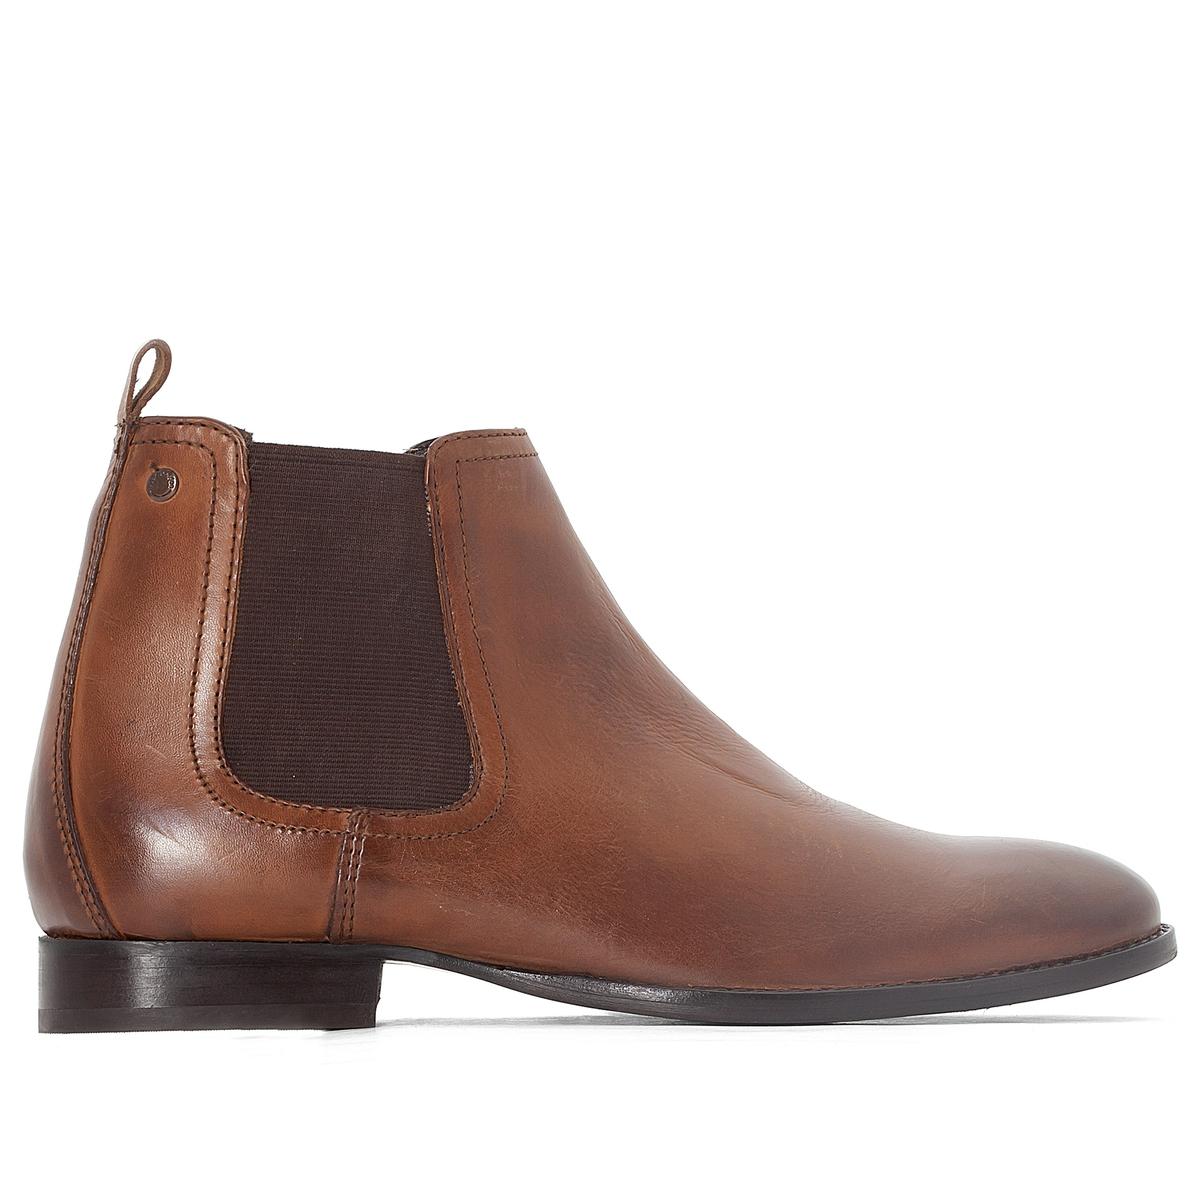 Ботинки-челси кожаные HOLTONДетали   •  Высота каблука : 2,5 см •  Застежка : эластичная вставка •  Заостренный мысок •  Гладкая отделкаСостав и уход   •  Верх 100% кожа •  Подкладка 50% кожи, 50% текстиля •  Стелька 100% кожа<br><br>Цвет: темно-коричневый